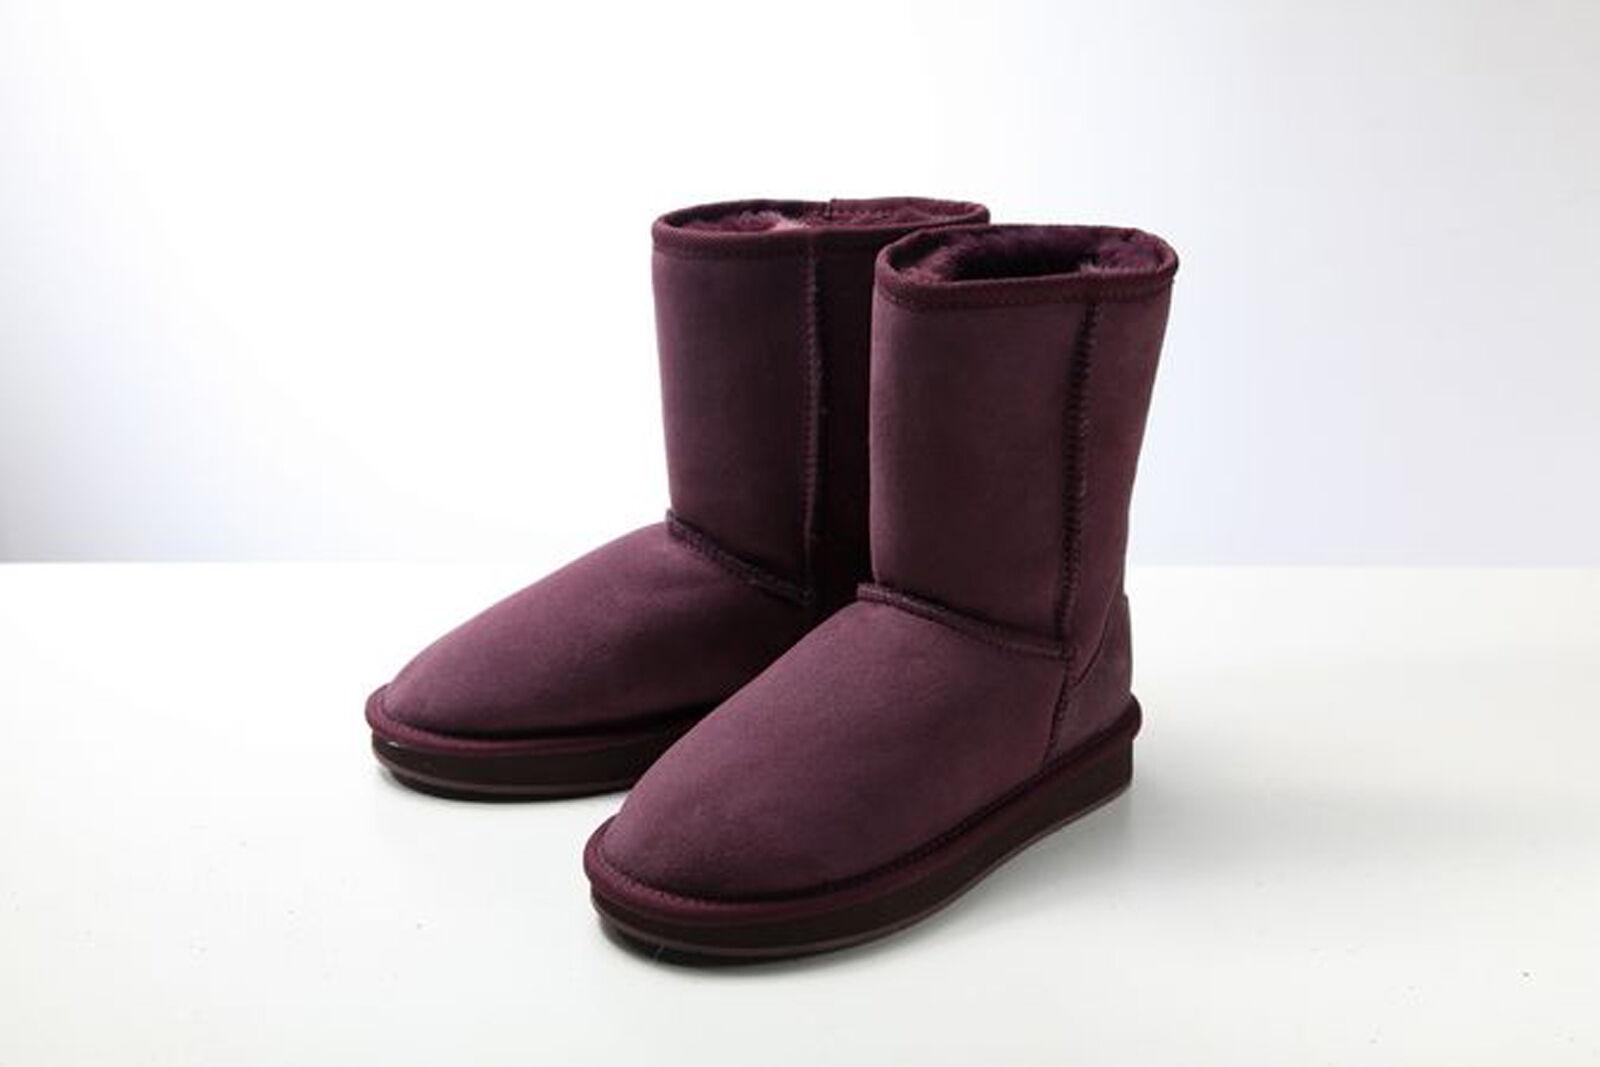 Prémium UGG Klasszikus rövid Ausztráliai Juharuházat Boot Purple - Vízálló csúszásmentes